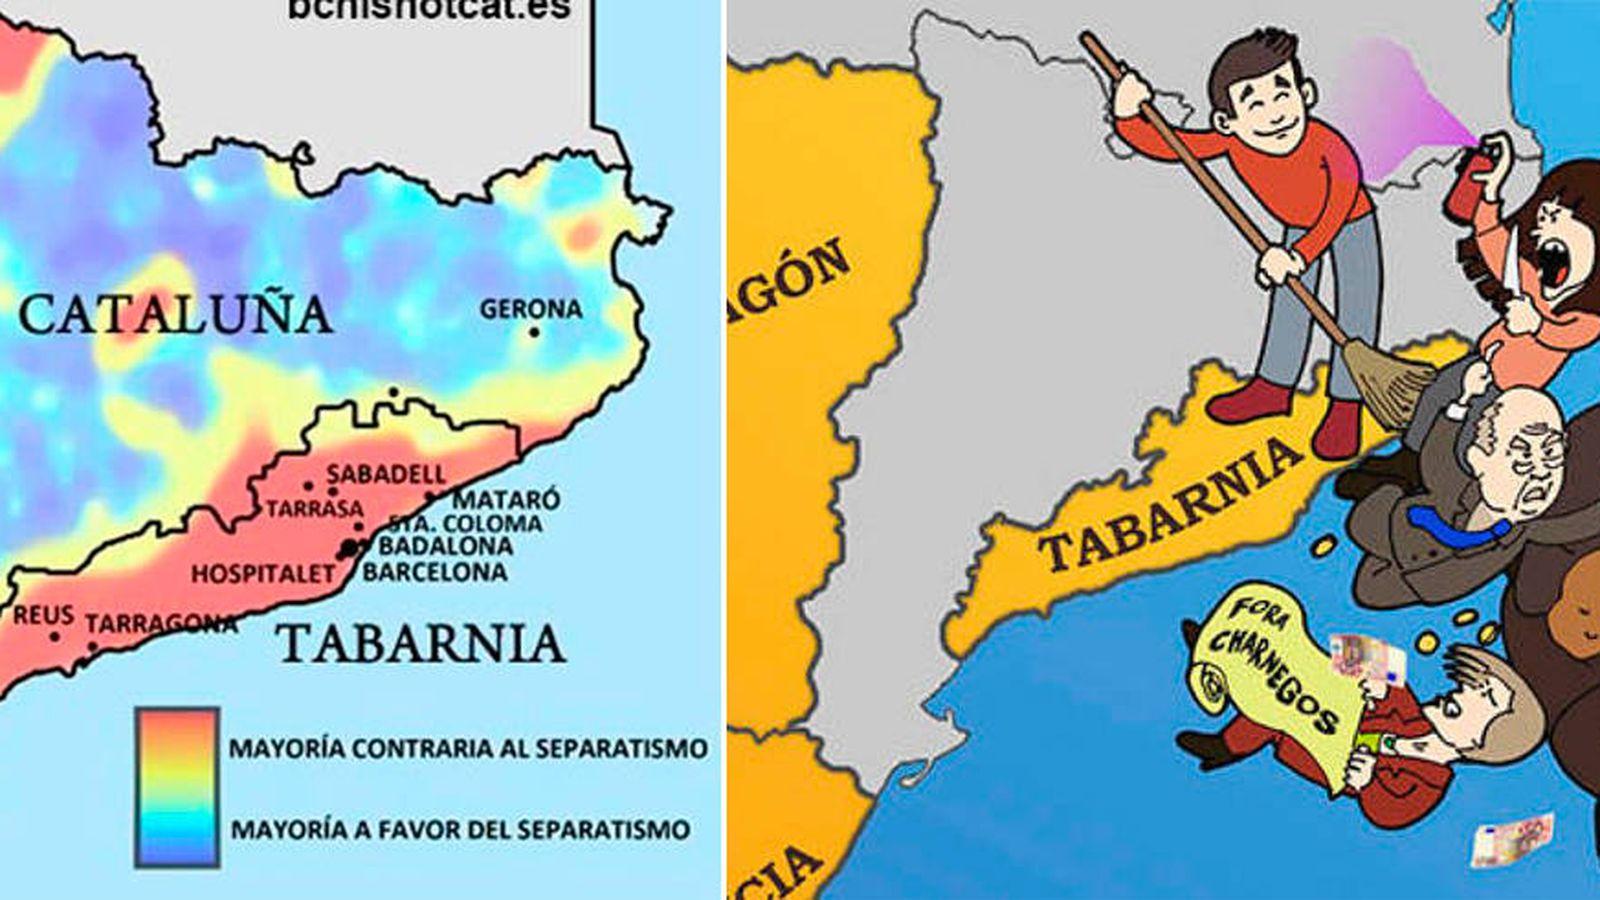 Foto: Mapa y cartel para reivindicar la autonomía de Tabarnia realizado por la agrupación de Sabadell de la Plataforma por l'Autonomía de Barcelona. (bcnisnotcat)